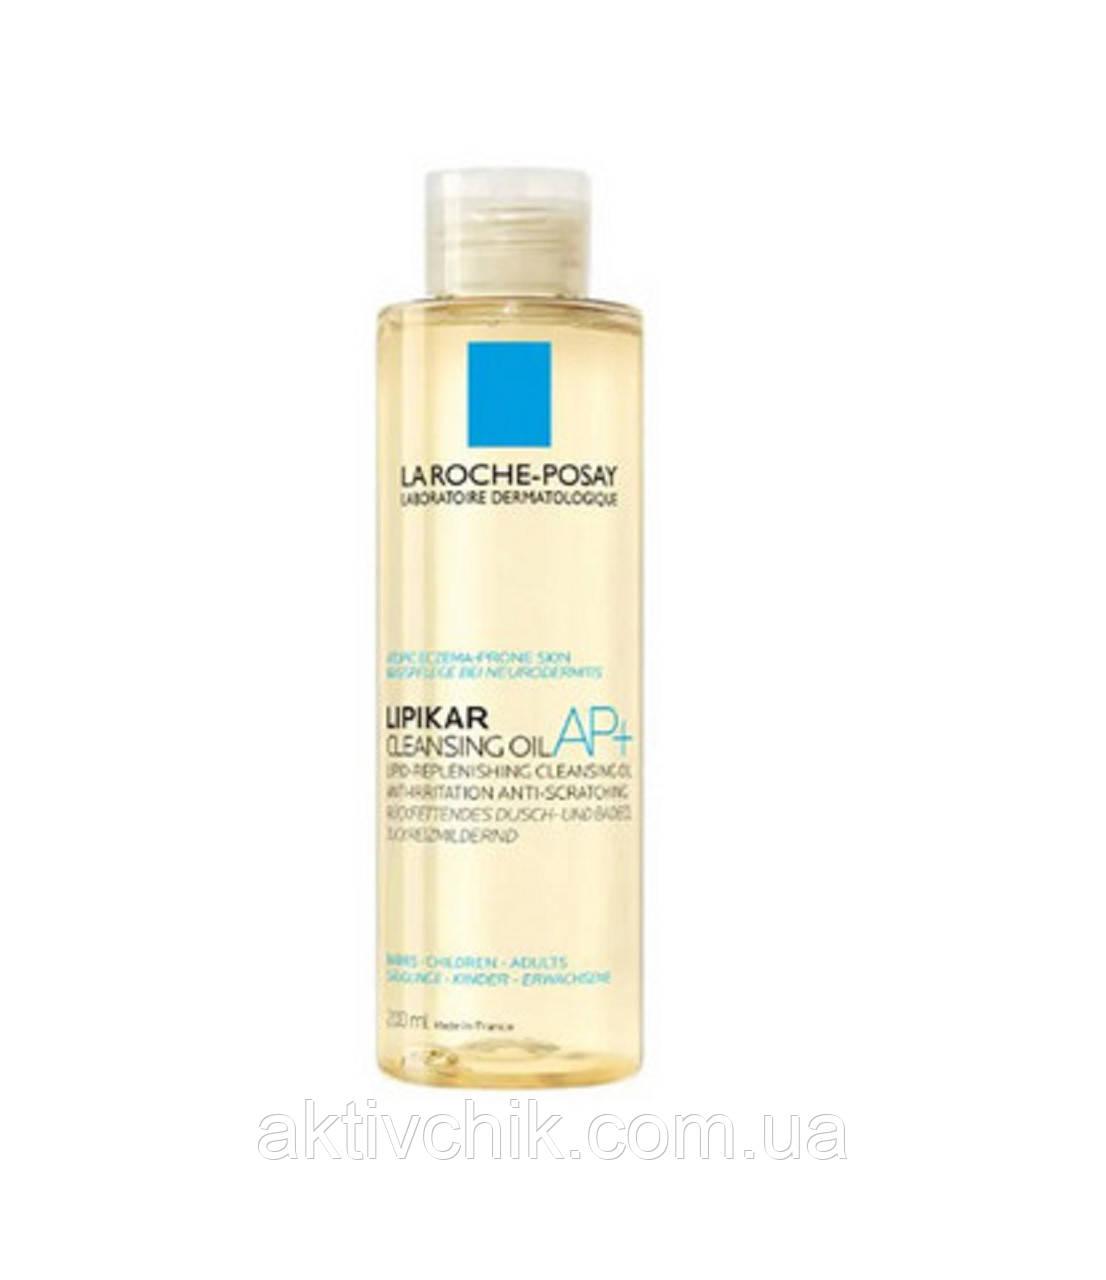 Липидовосполняющее масло для ванной и душа Ля Рош La Roche-Posay  Lipikar AP+ Cleansing Oil